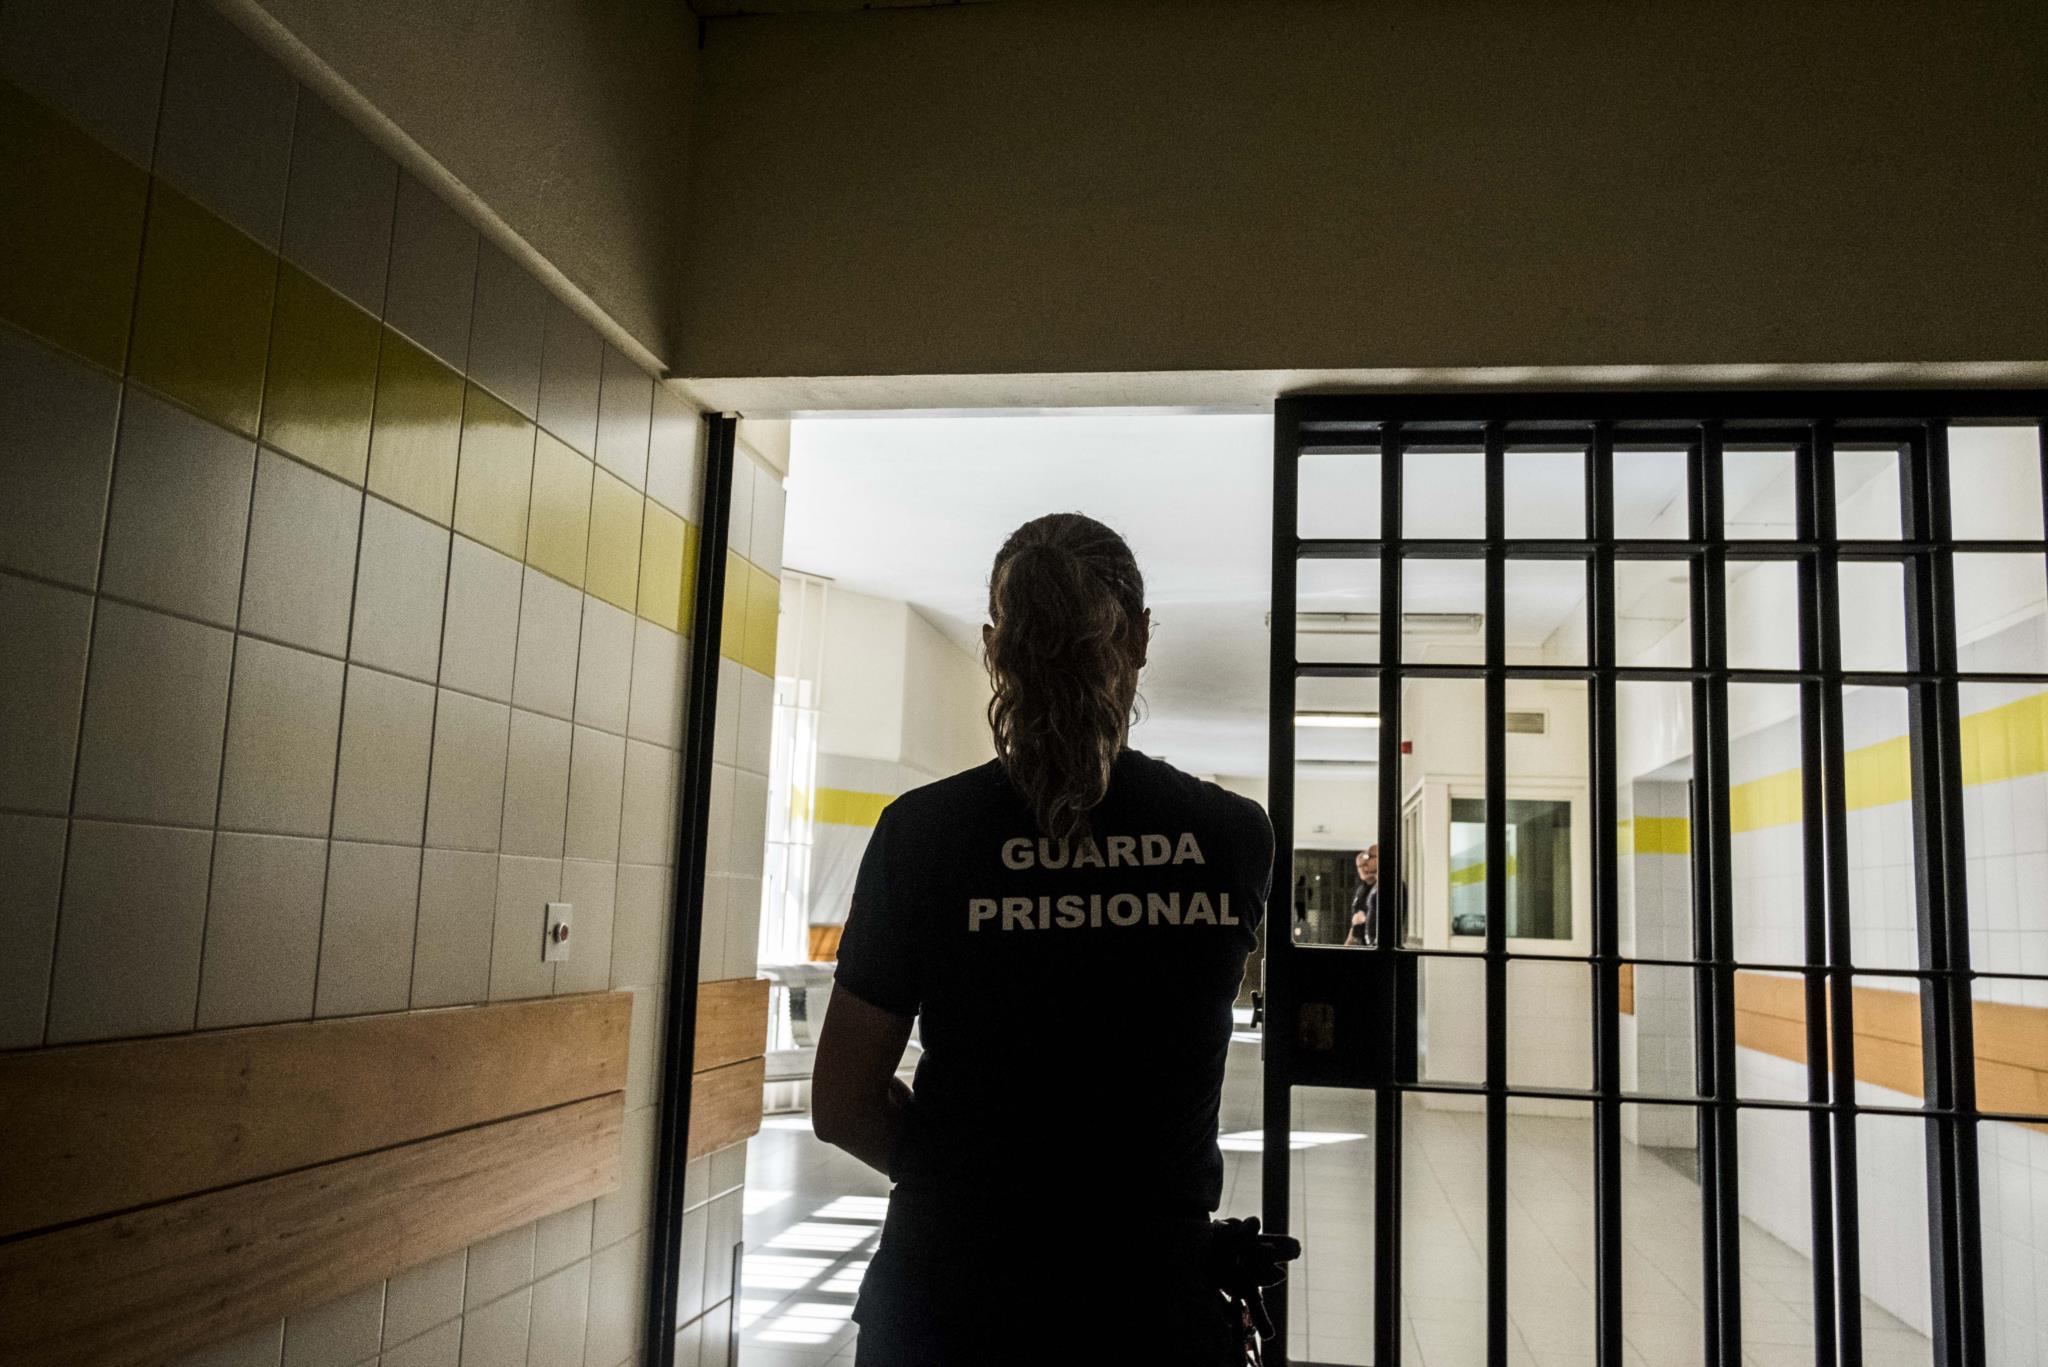 Ministra diz que melhorar prisões é essencial para manter dignidade dos reclusos